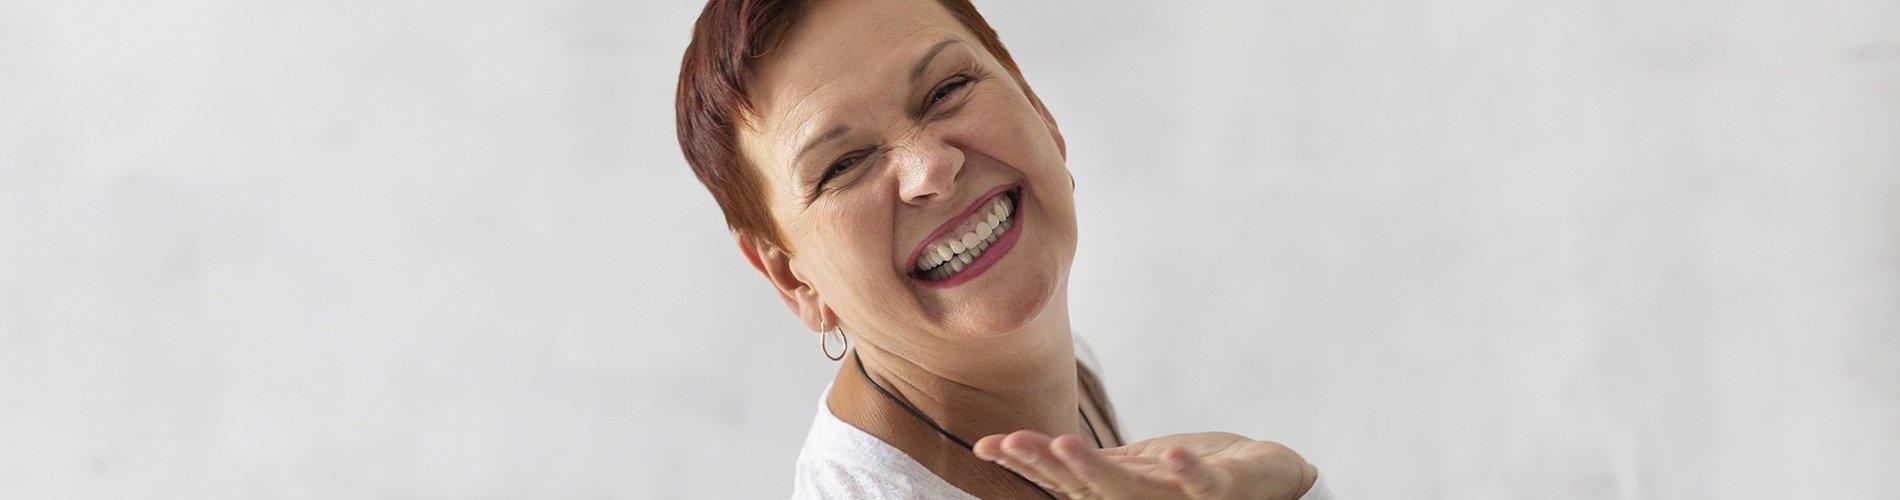 Cómo afecta la menopausia a la salud dental